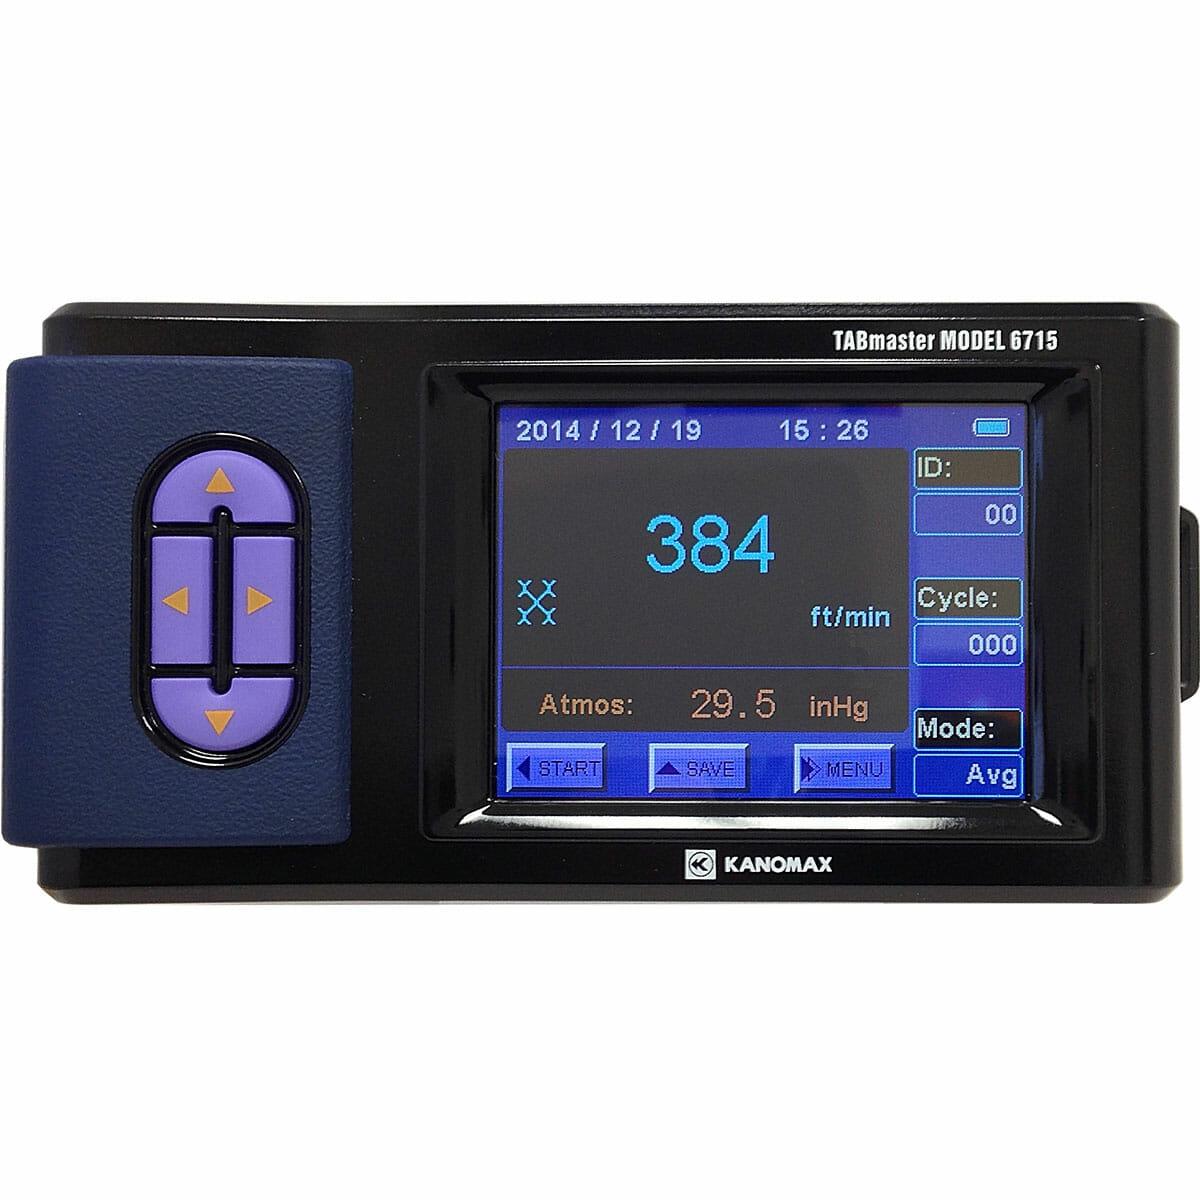 Handheld Micromanometer - Model 6700